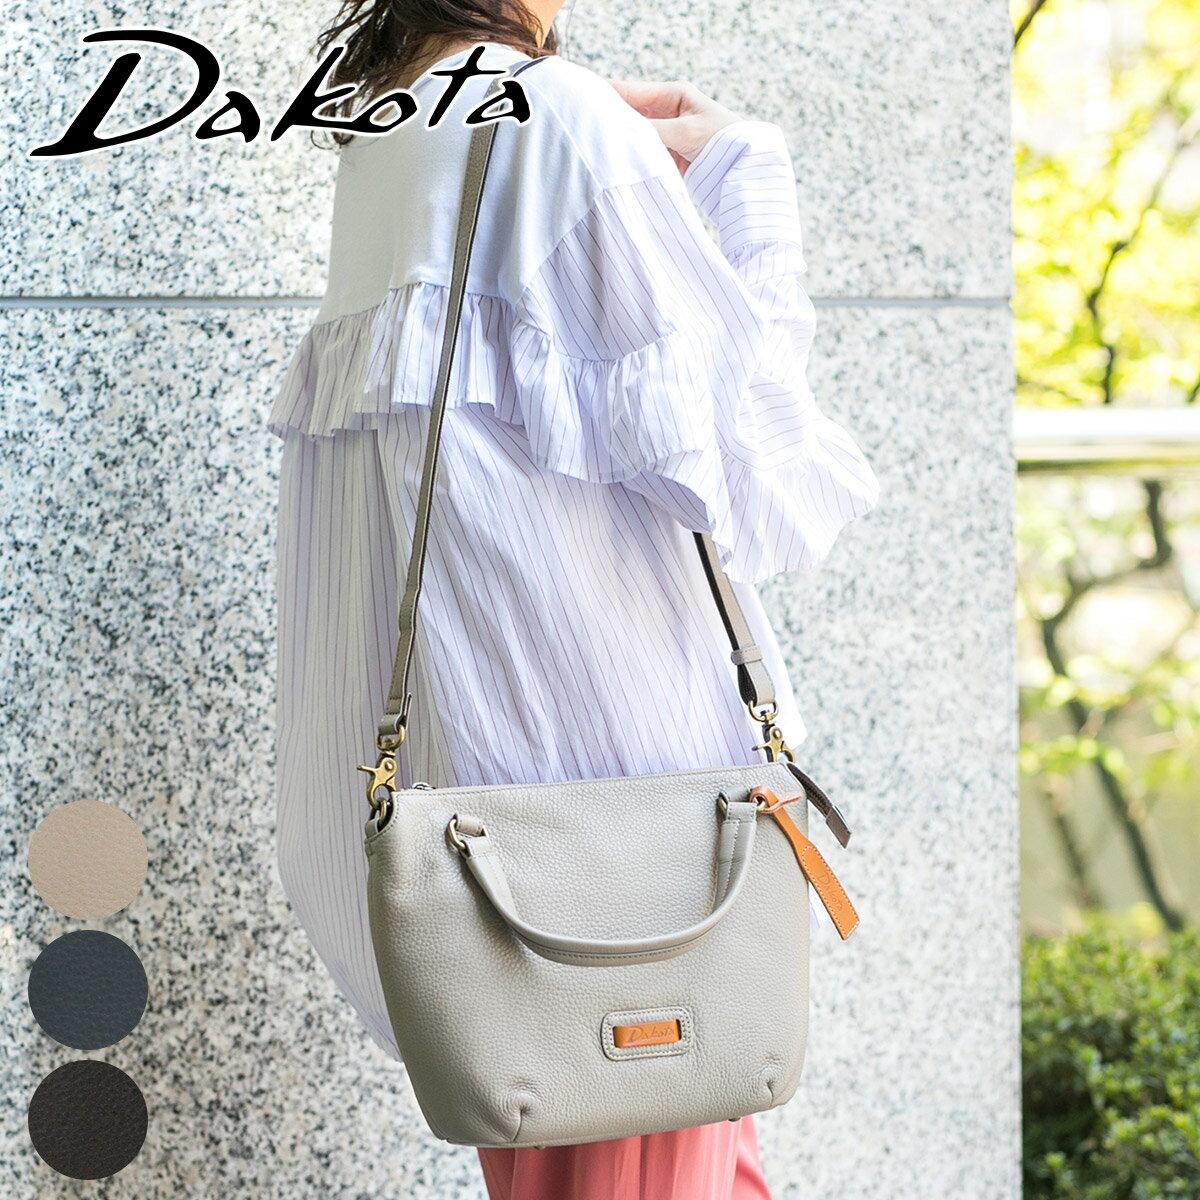 Dakota(ダコタ)『キャパショルダーバッグ(1033496)』